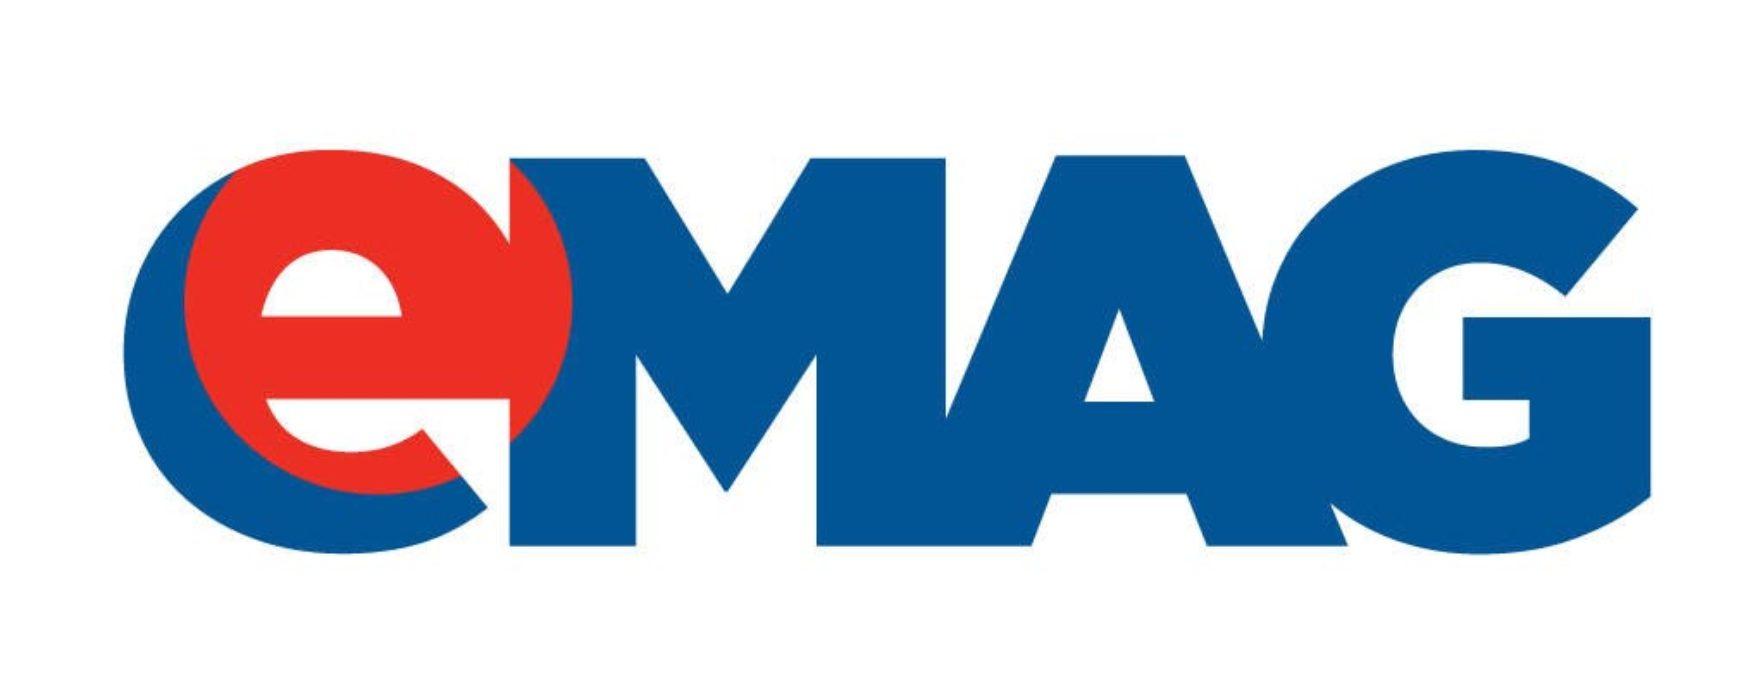 eMAG a vândut duminică produse la preţuri de 1-8 lei, dintr-o eroare tehnică